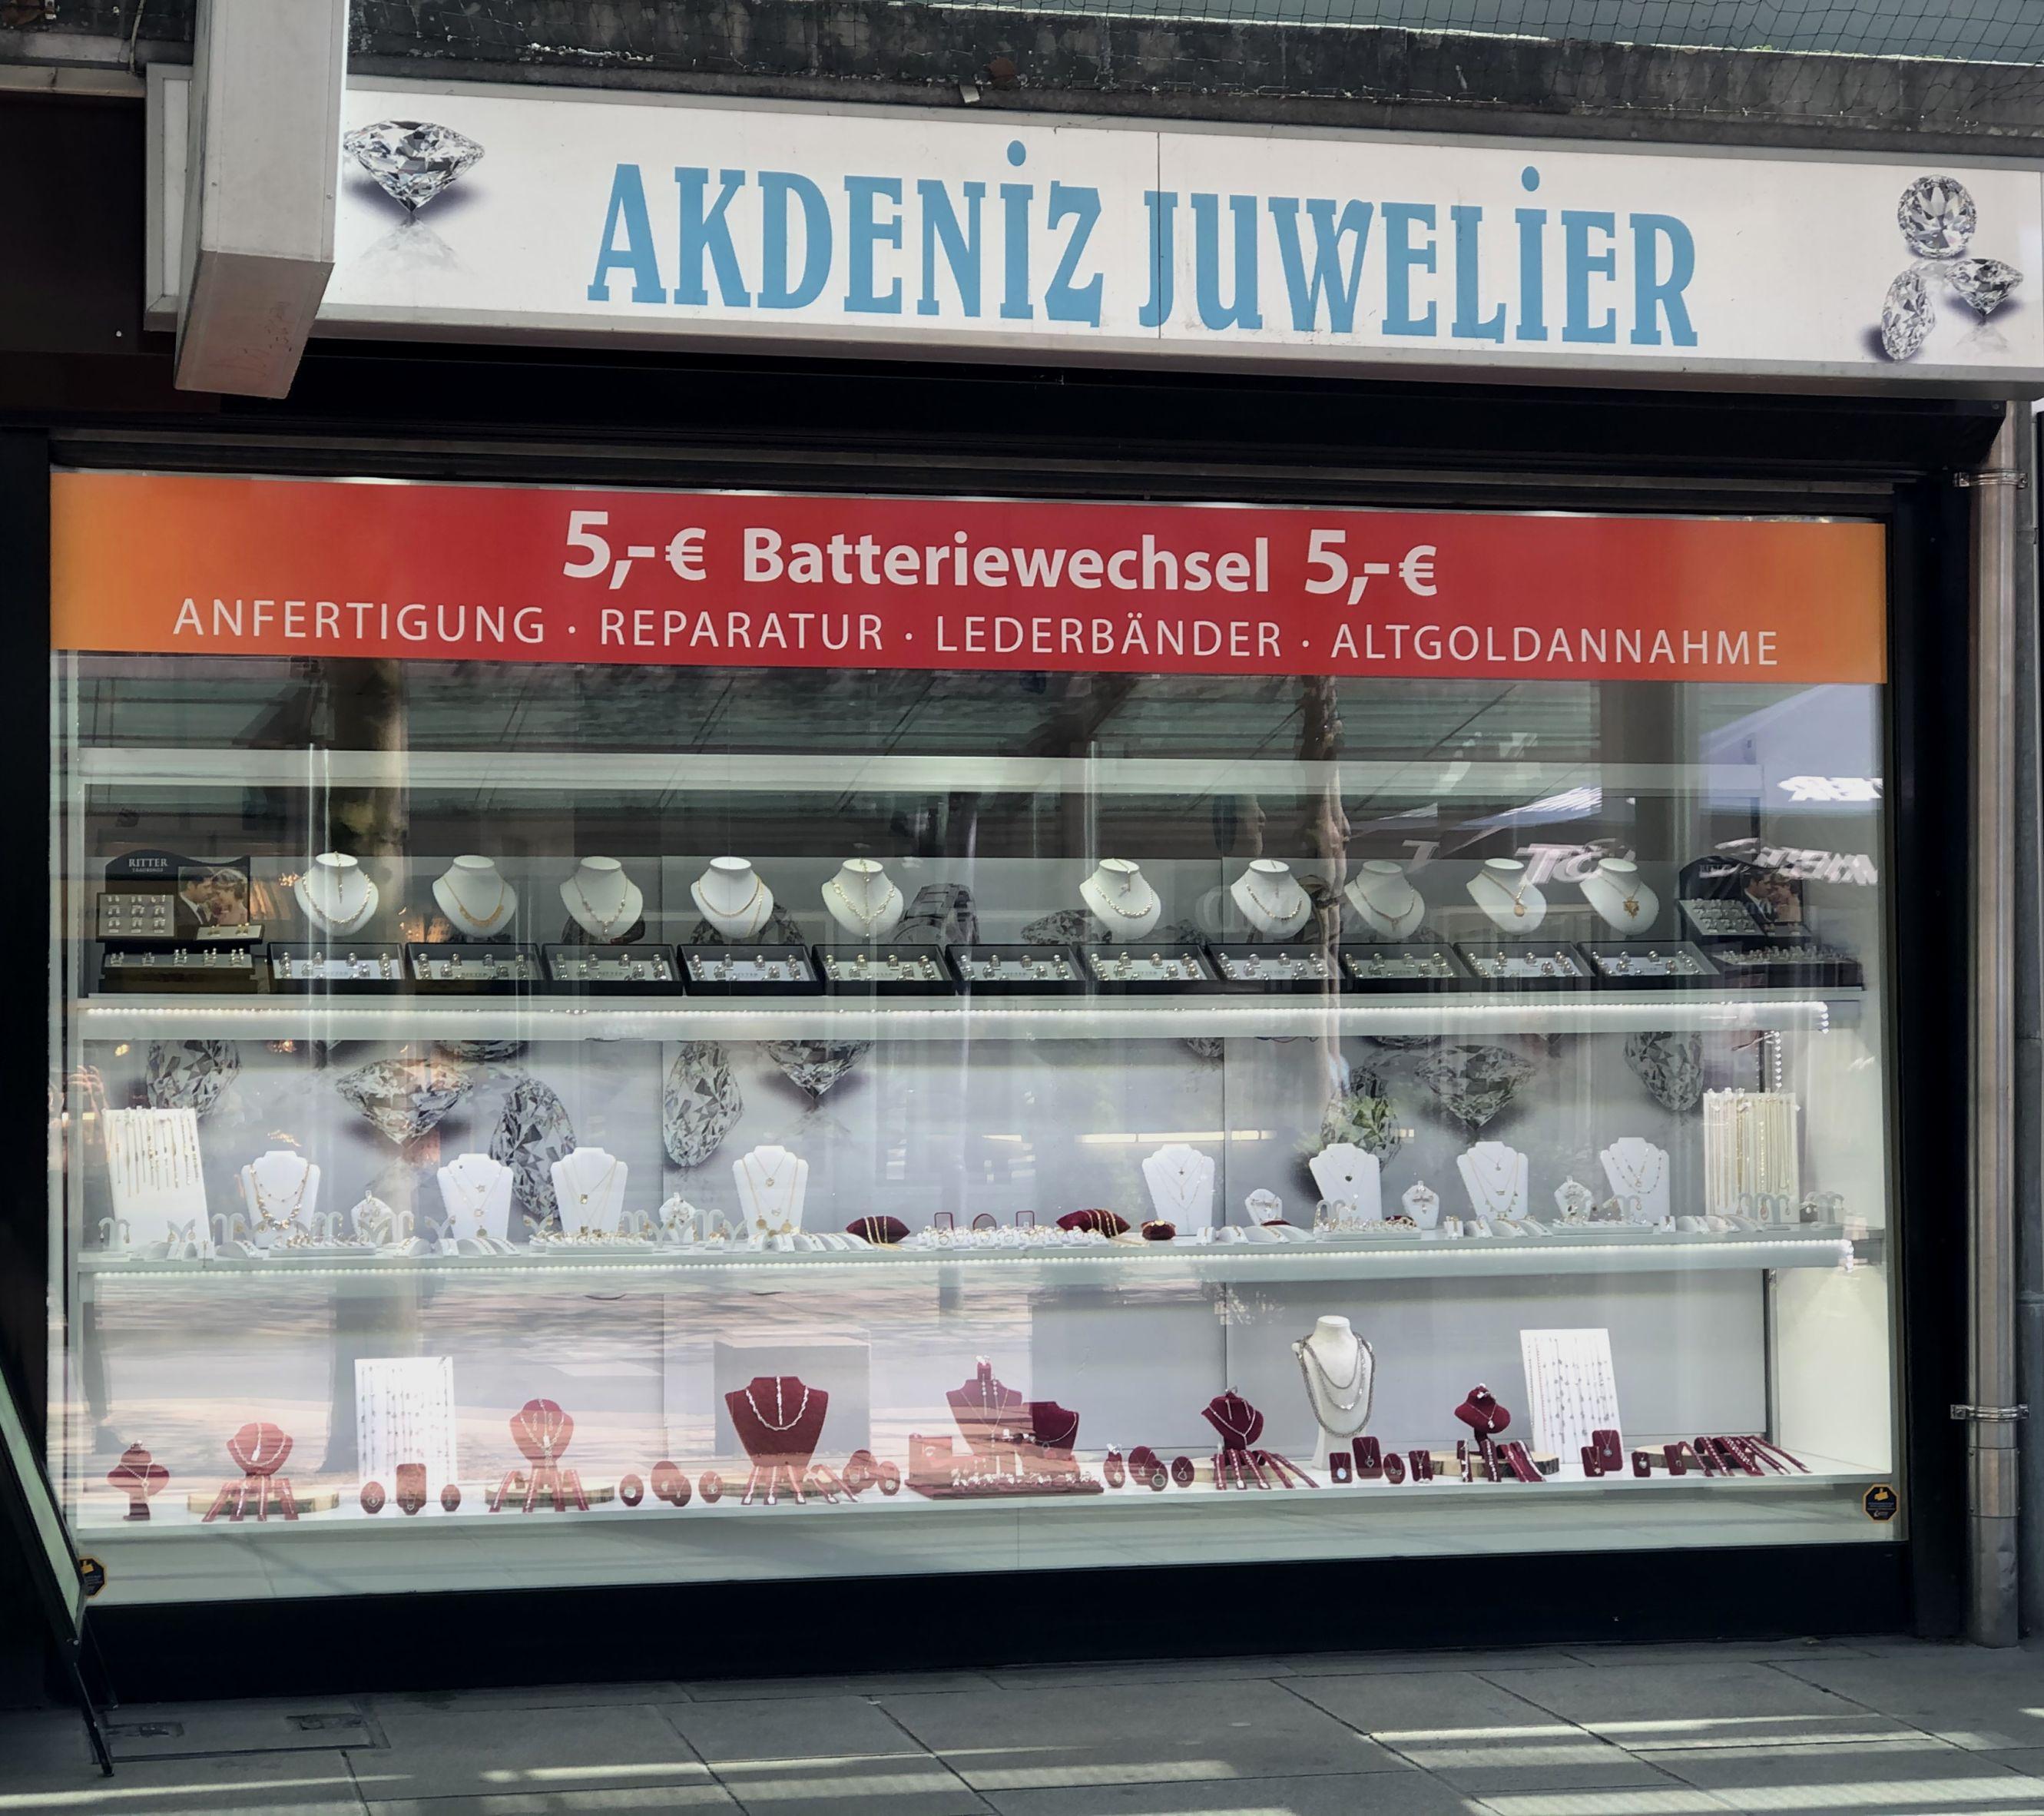 Juwelier AKDENİZ